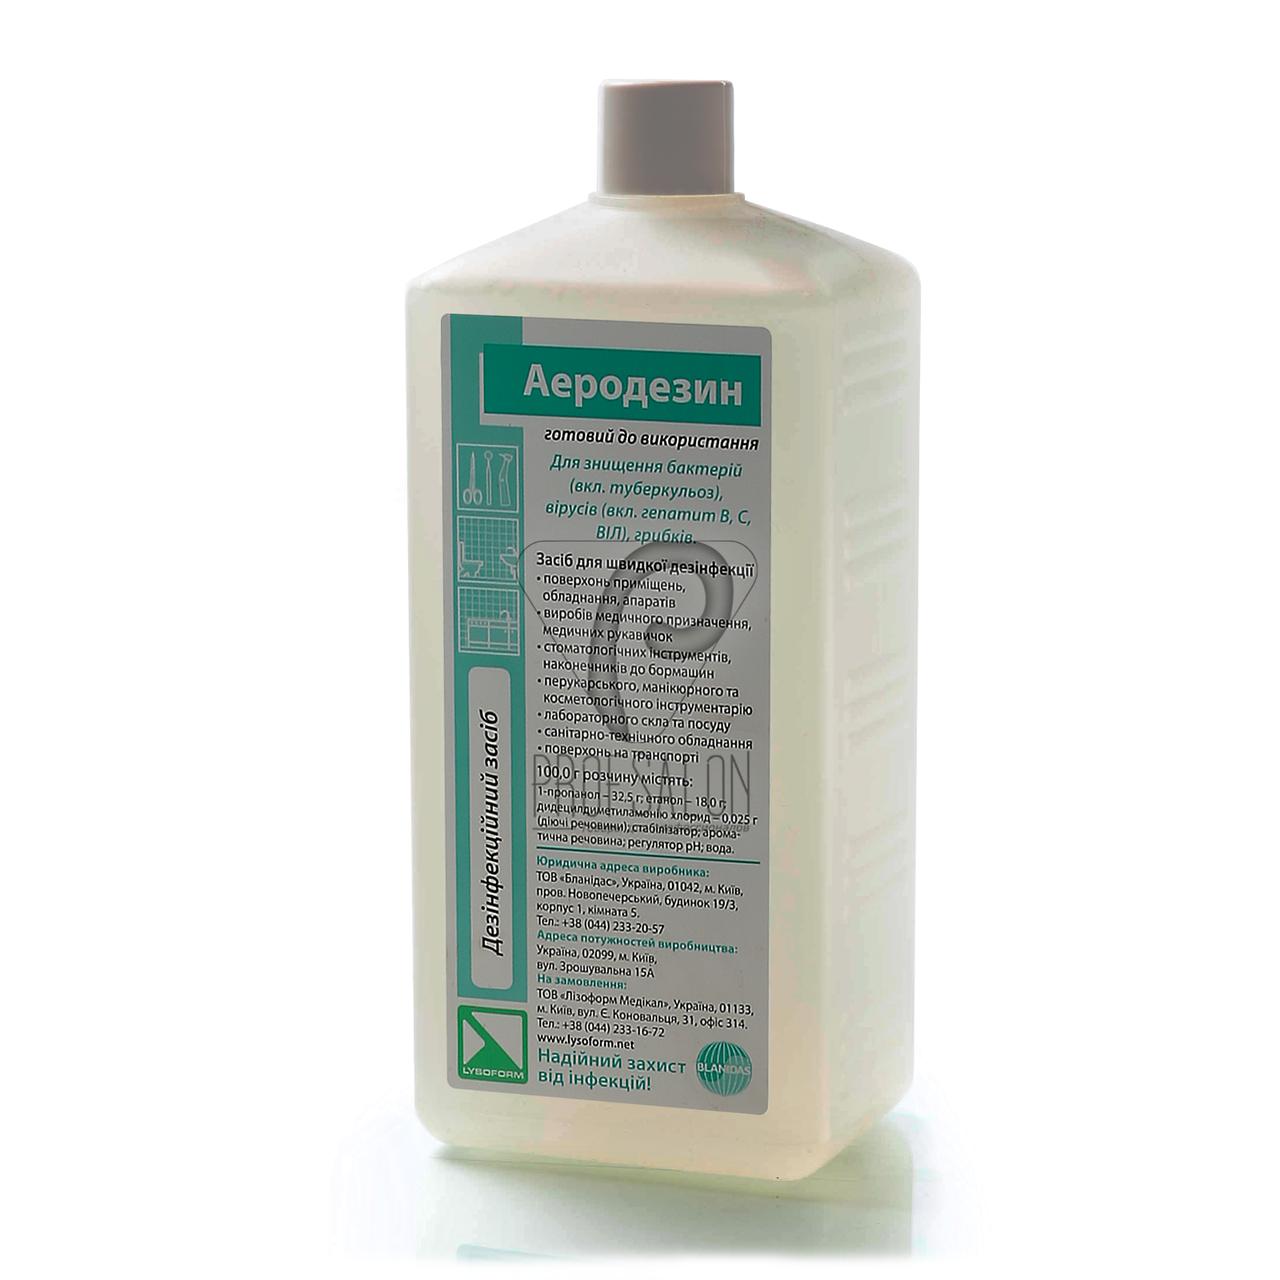 Аэродезин 1 литр, дезинфицирующиесредства для труднодоступных поверхностей и оборудования